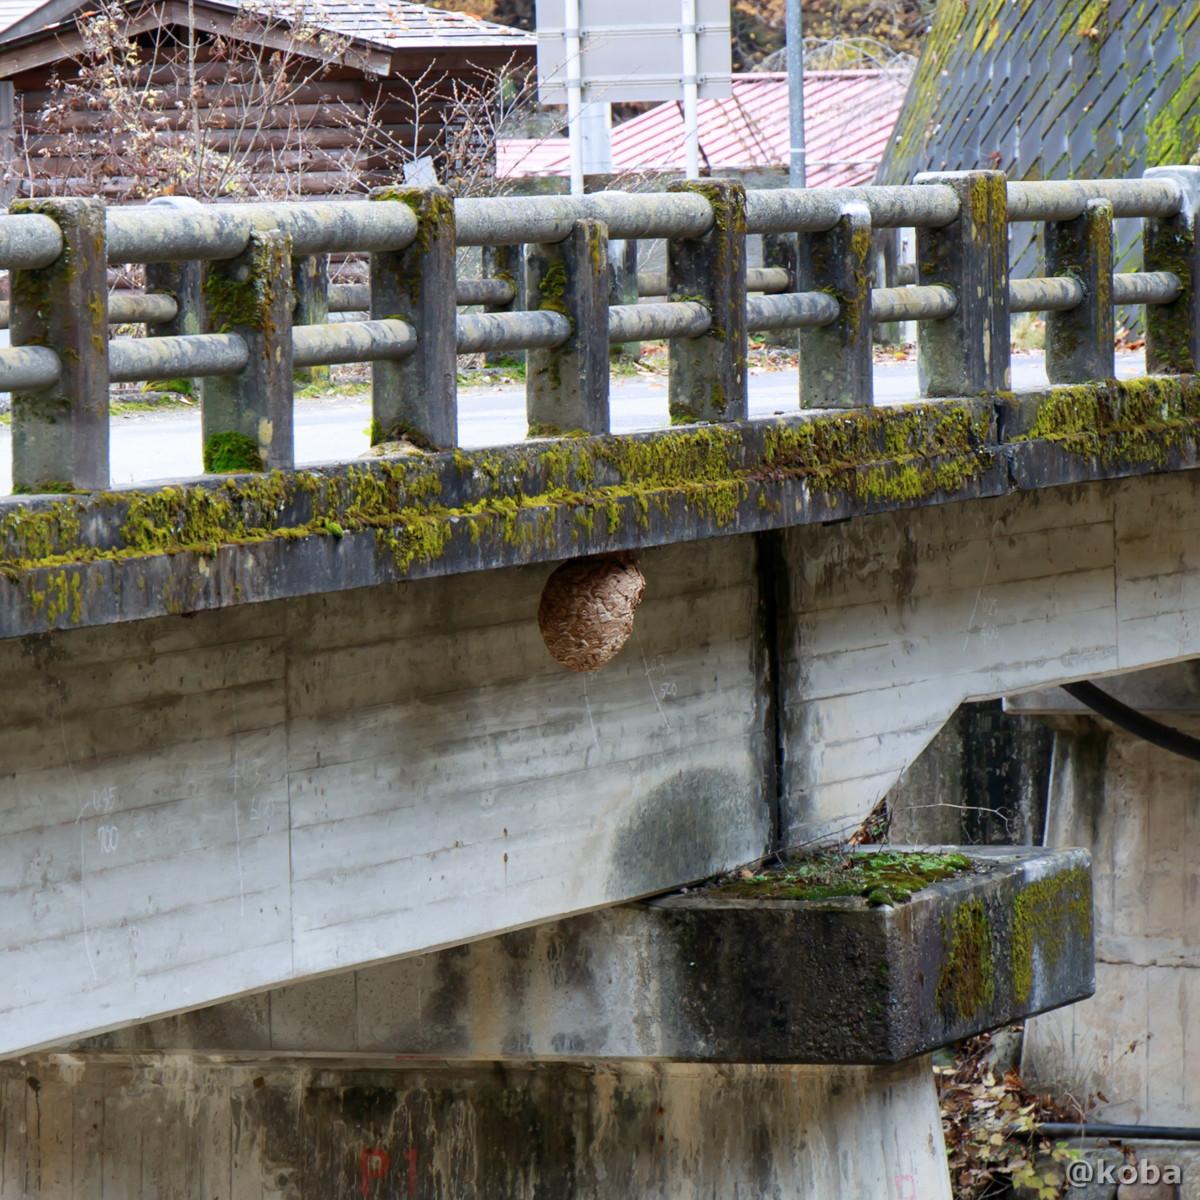 橋の下にハチの巣があります。 ご注意ください!の写真│尻焼温泉(しりやきおんせん)川の湯 日帰り入浴│群馬県 ブログ